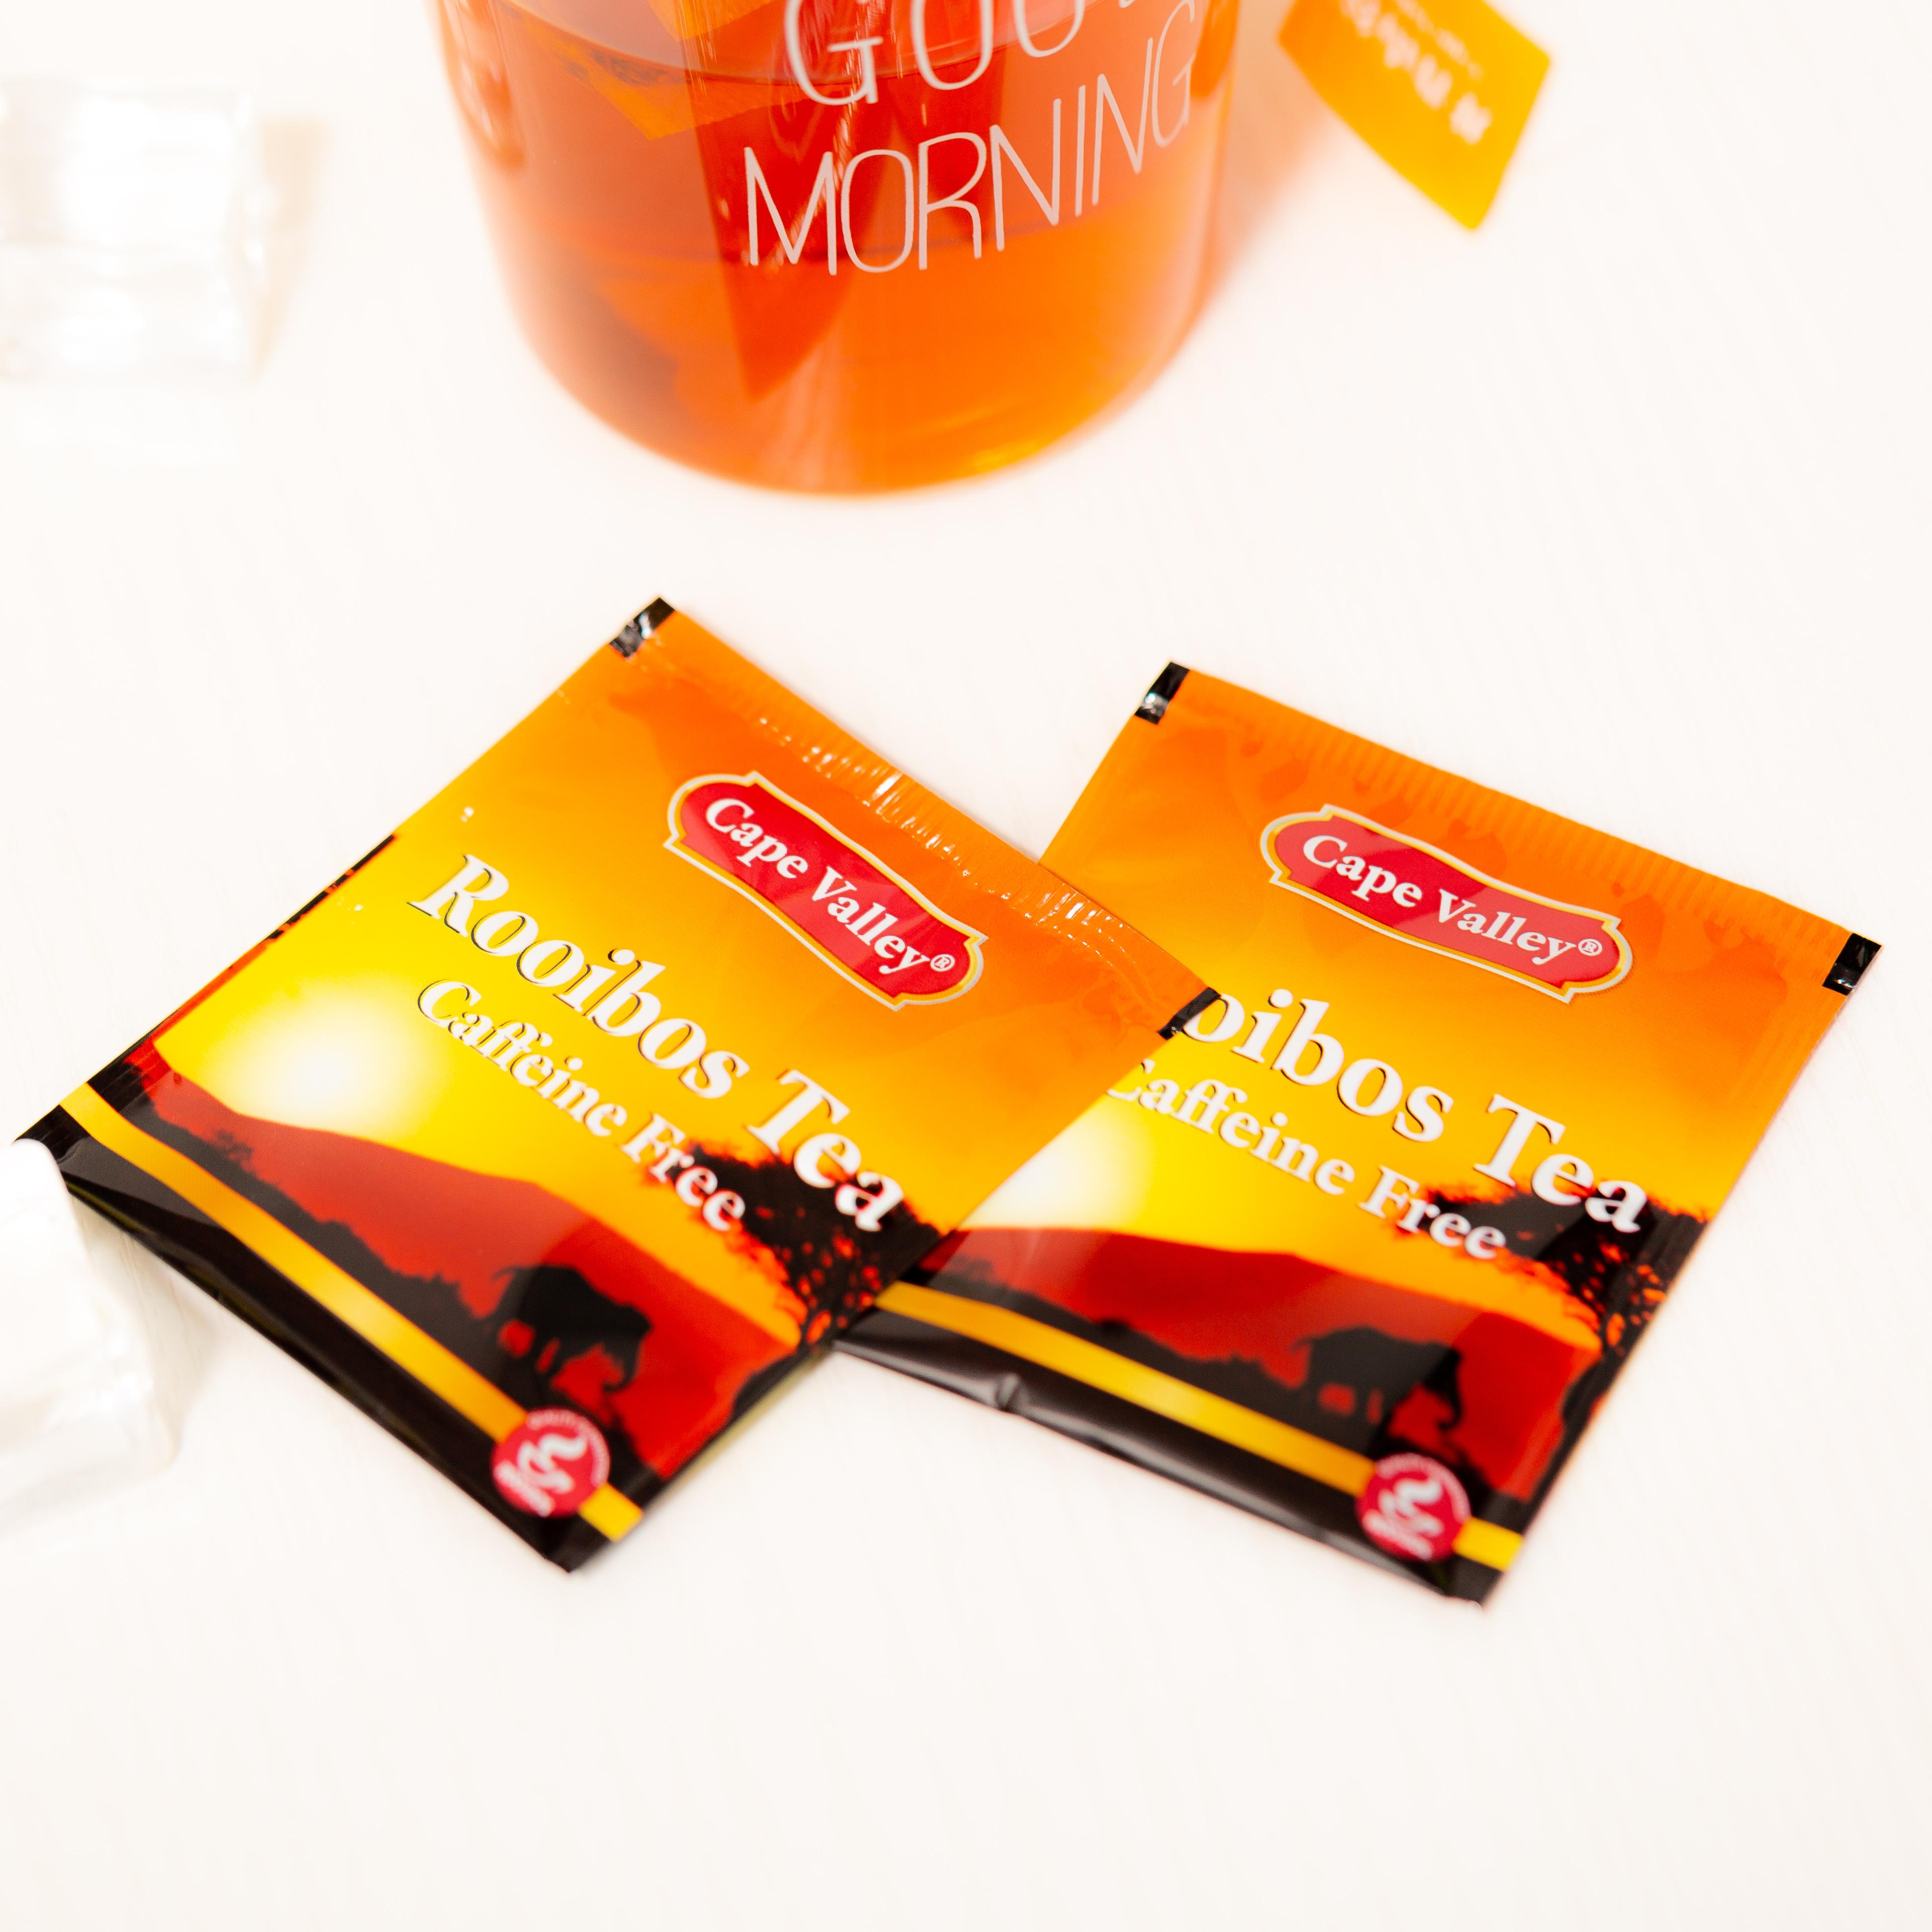 「可以喝的神仙水」开普山谷南非博士茶 Rooibos路易波士国宝红茶无咖啡因 美容养颜  0卡路里 无糖分  孕妇可喝100袋/盒 商品图8